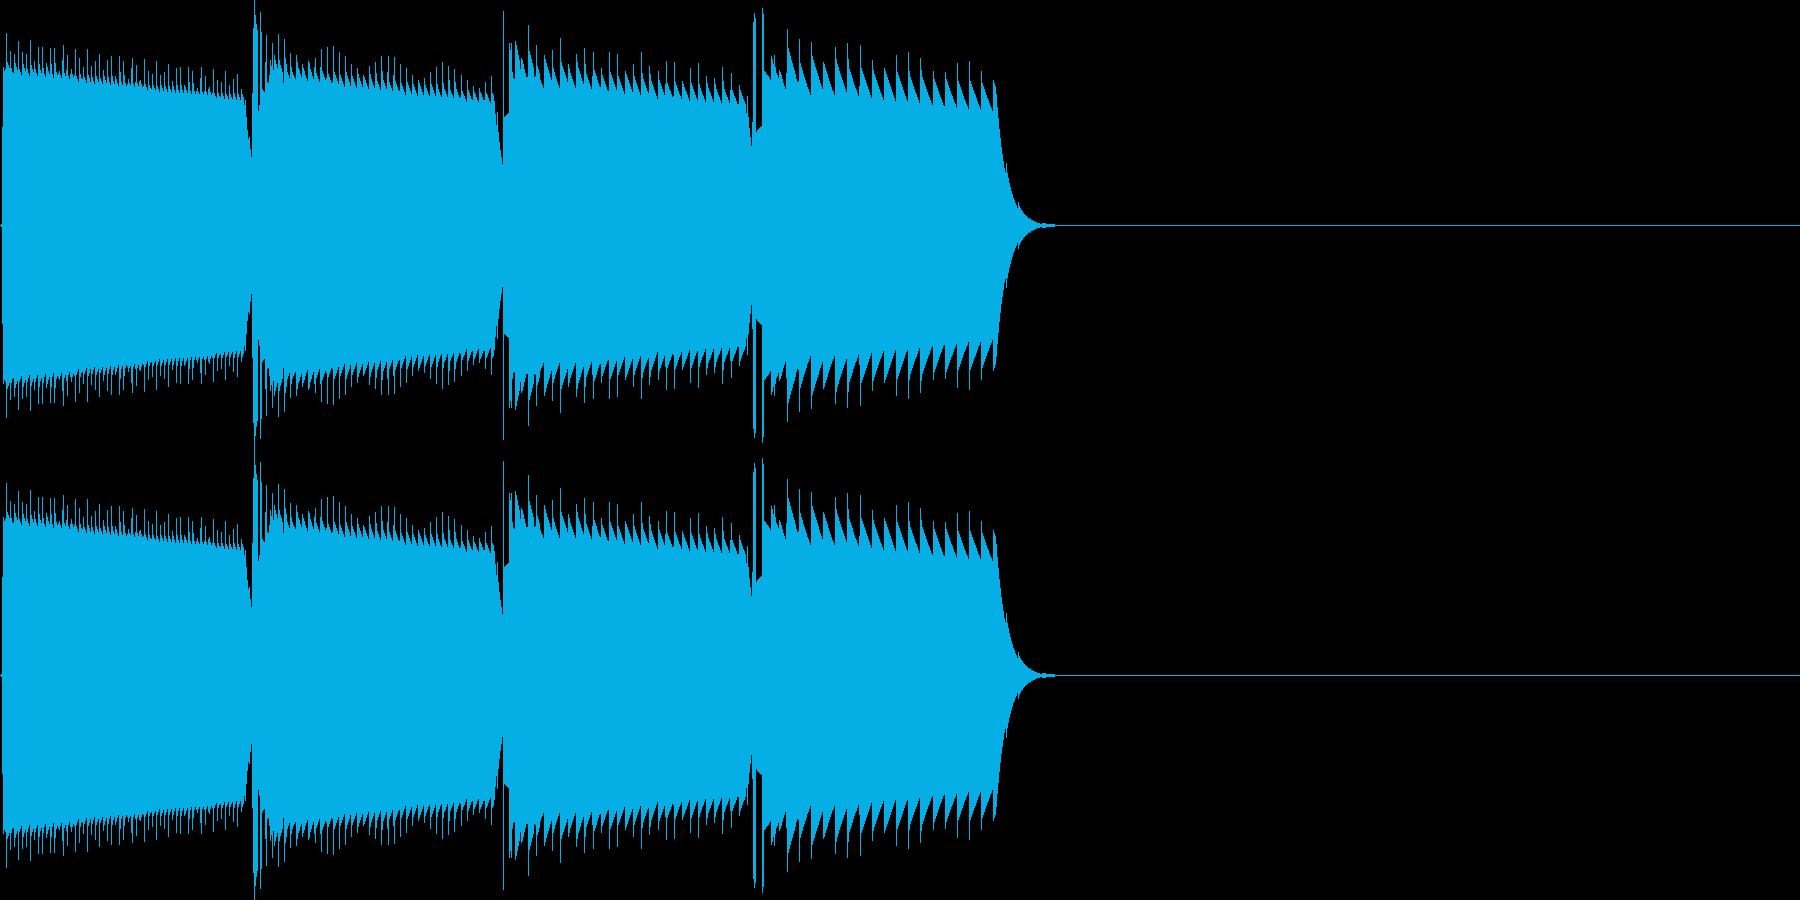 キャンセル音(ピロロン)の再生済みの波形